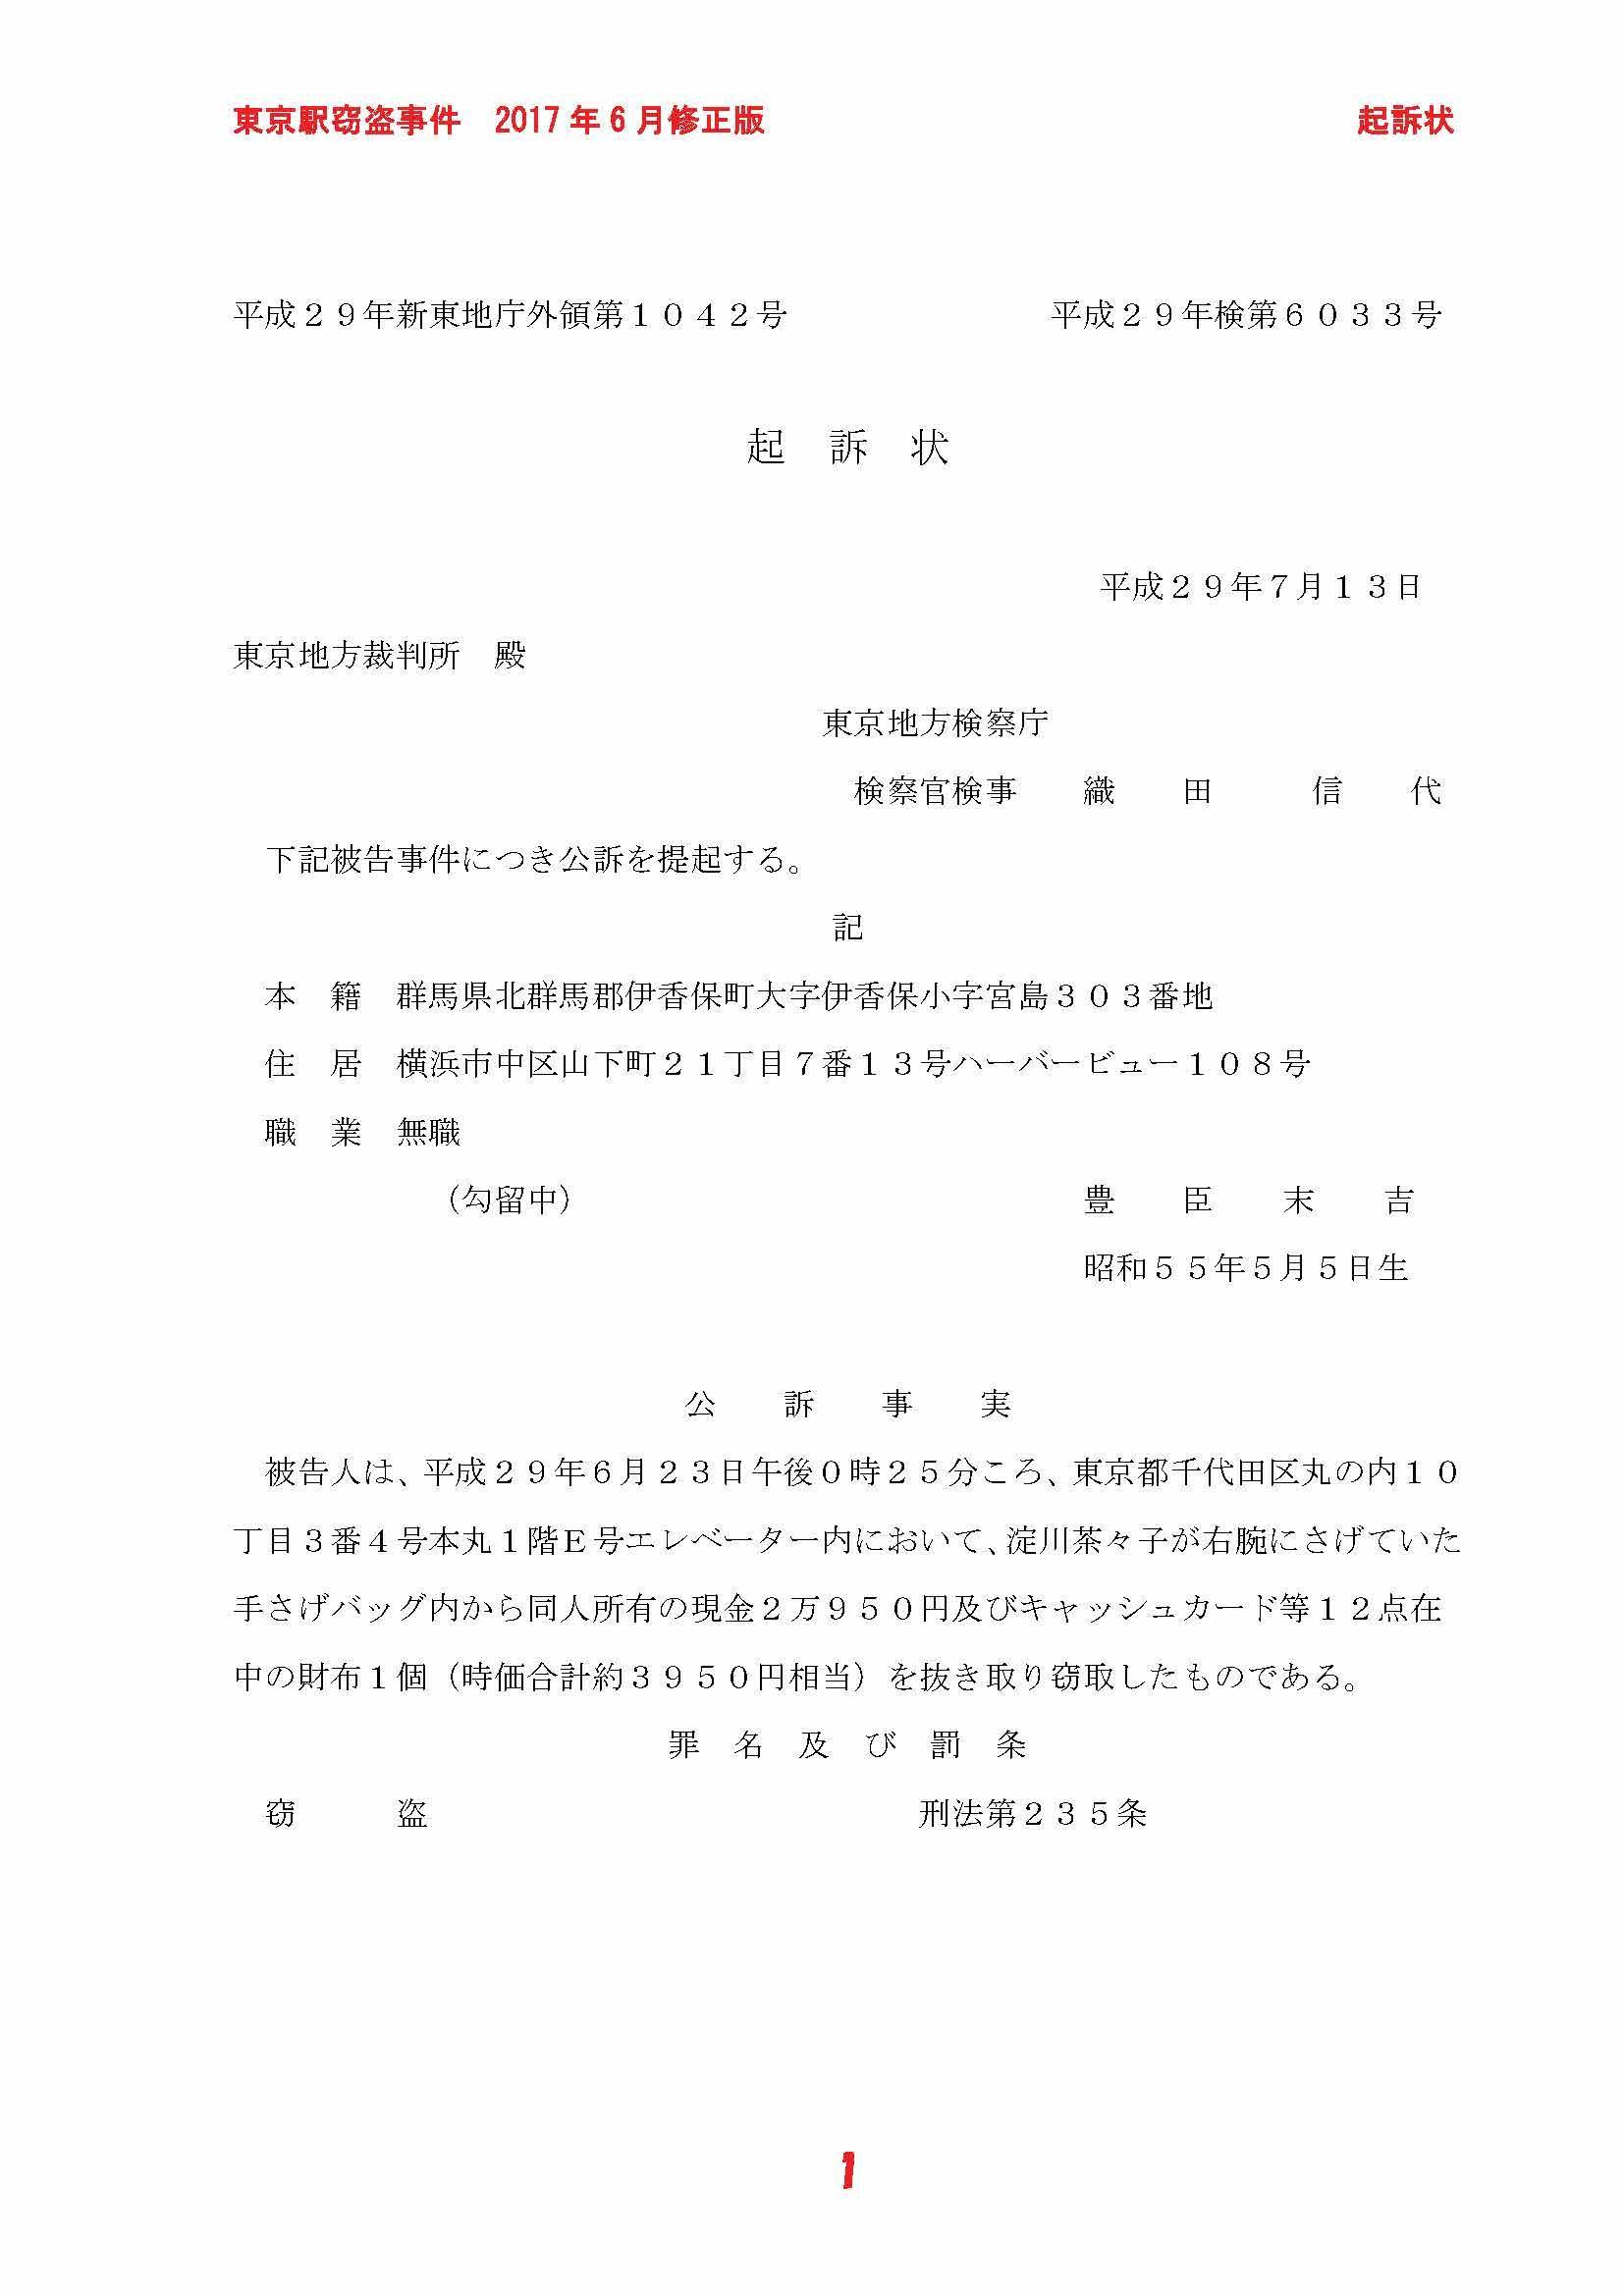 tokyoeki1.jpg